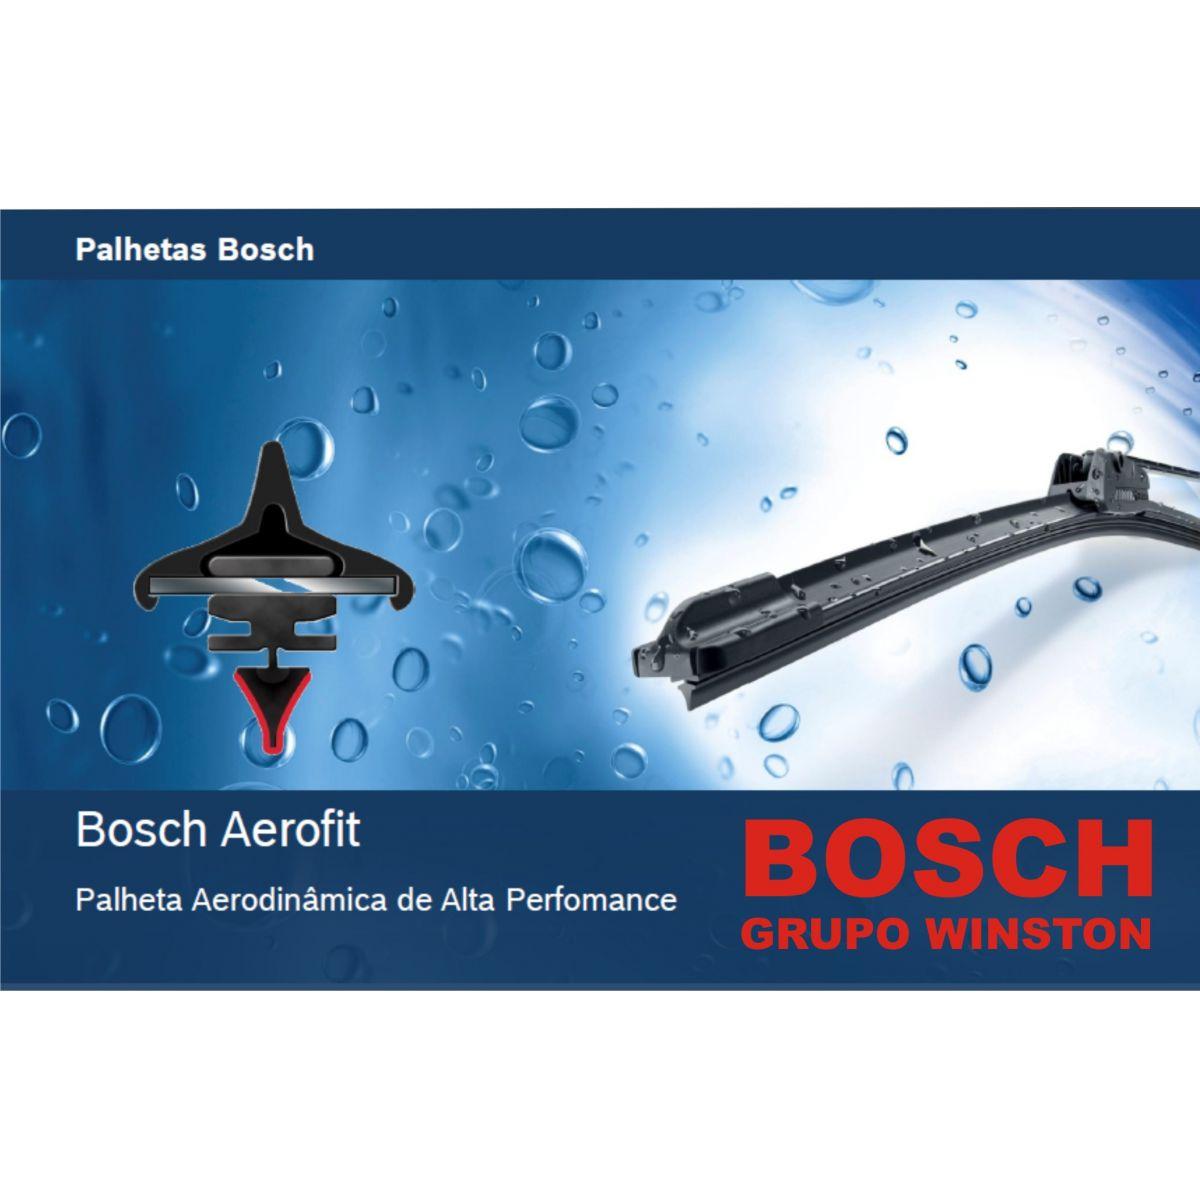 Palheta Bosch Aerofit Limpador de para brisa Bosch Doblô 2001 em diante